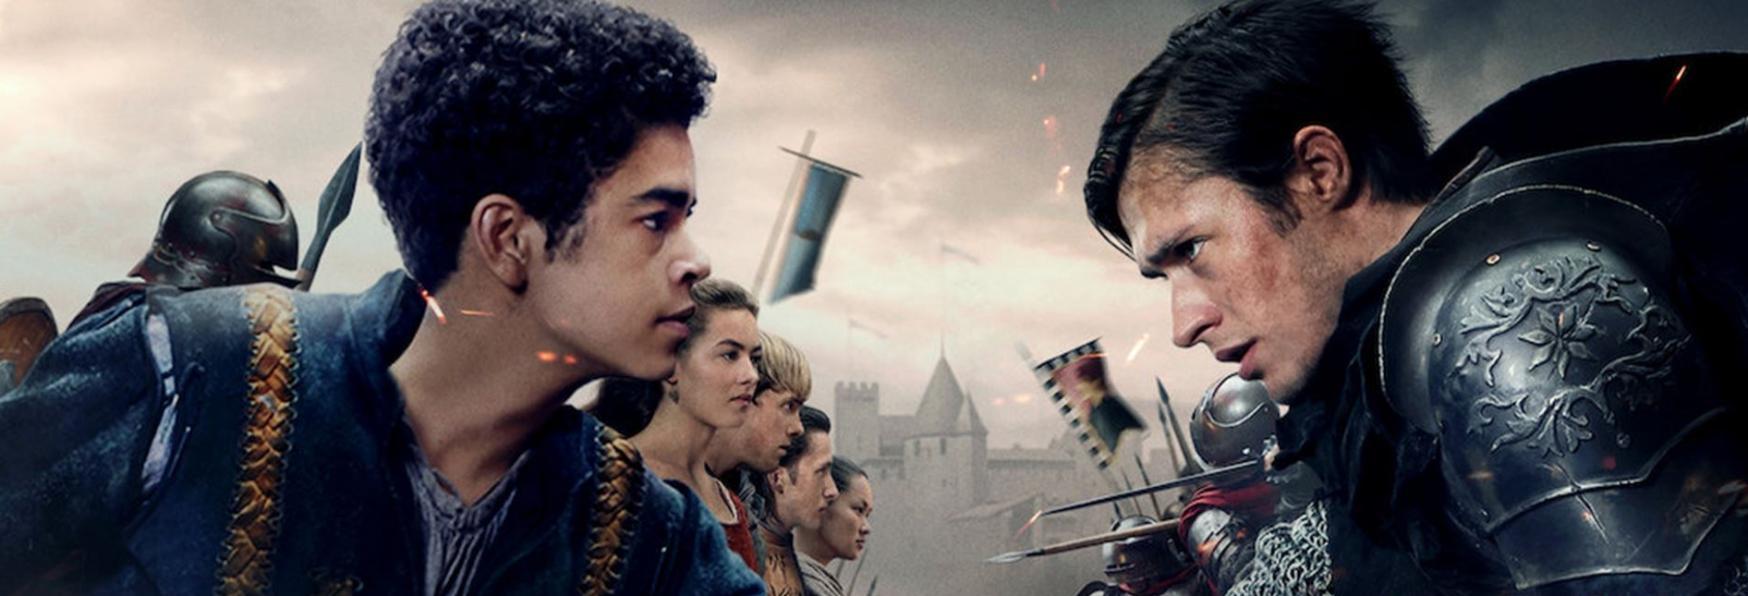 Lettera al Re: la Trama, il Cast e molte altre Informazioni sulla nuova Serie TV Fantasy Netflix